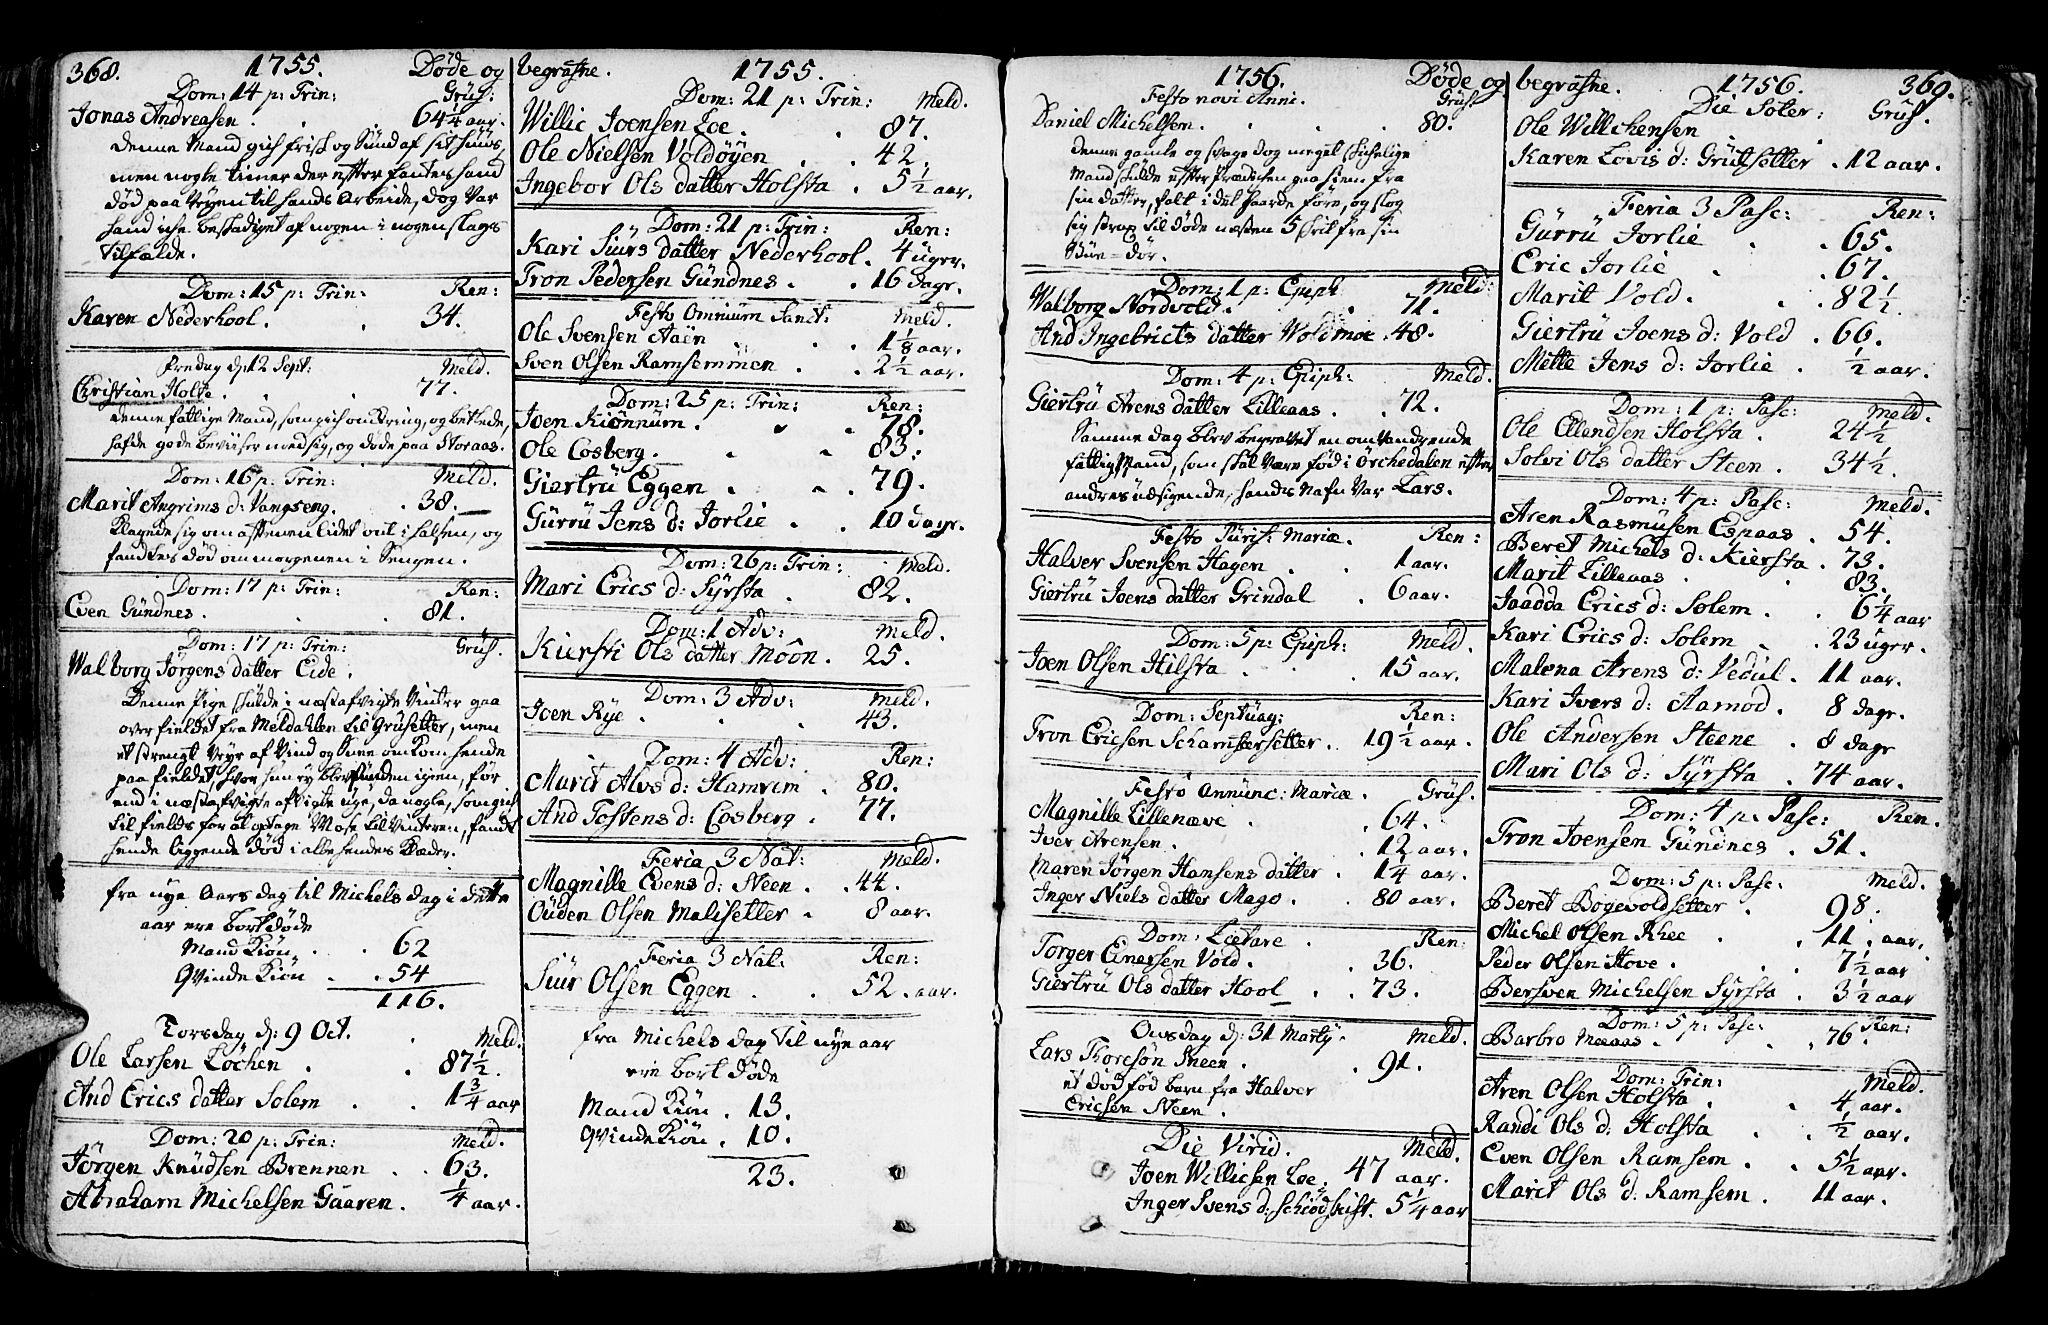 SAT, Ministerialprotokoller, klokkerbøker og fødselsregistre - Sør-Trøndelag, 672/L0851: Ministerialbok nr. 672A04, 1751-1775, s. 368-369